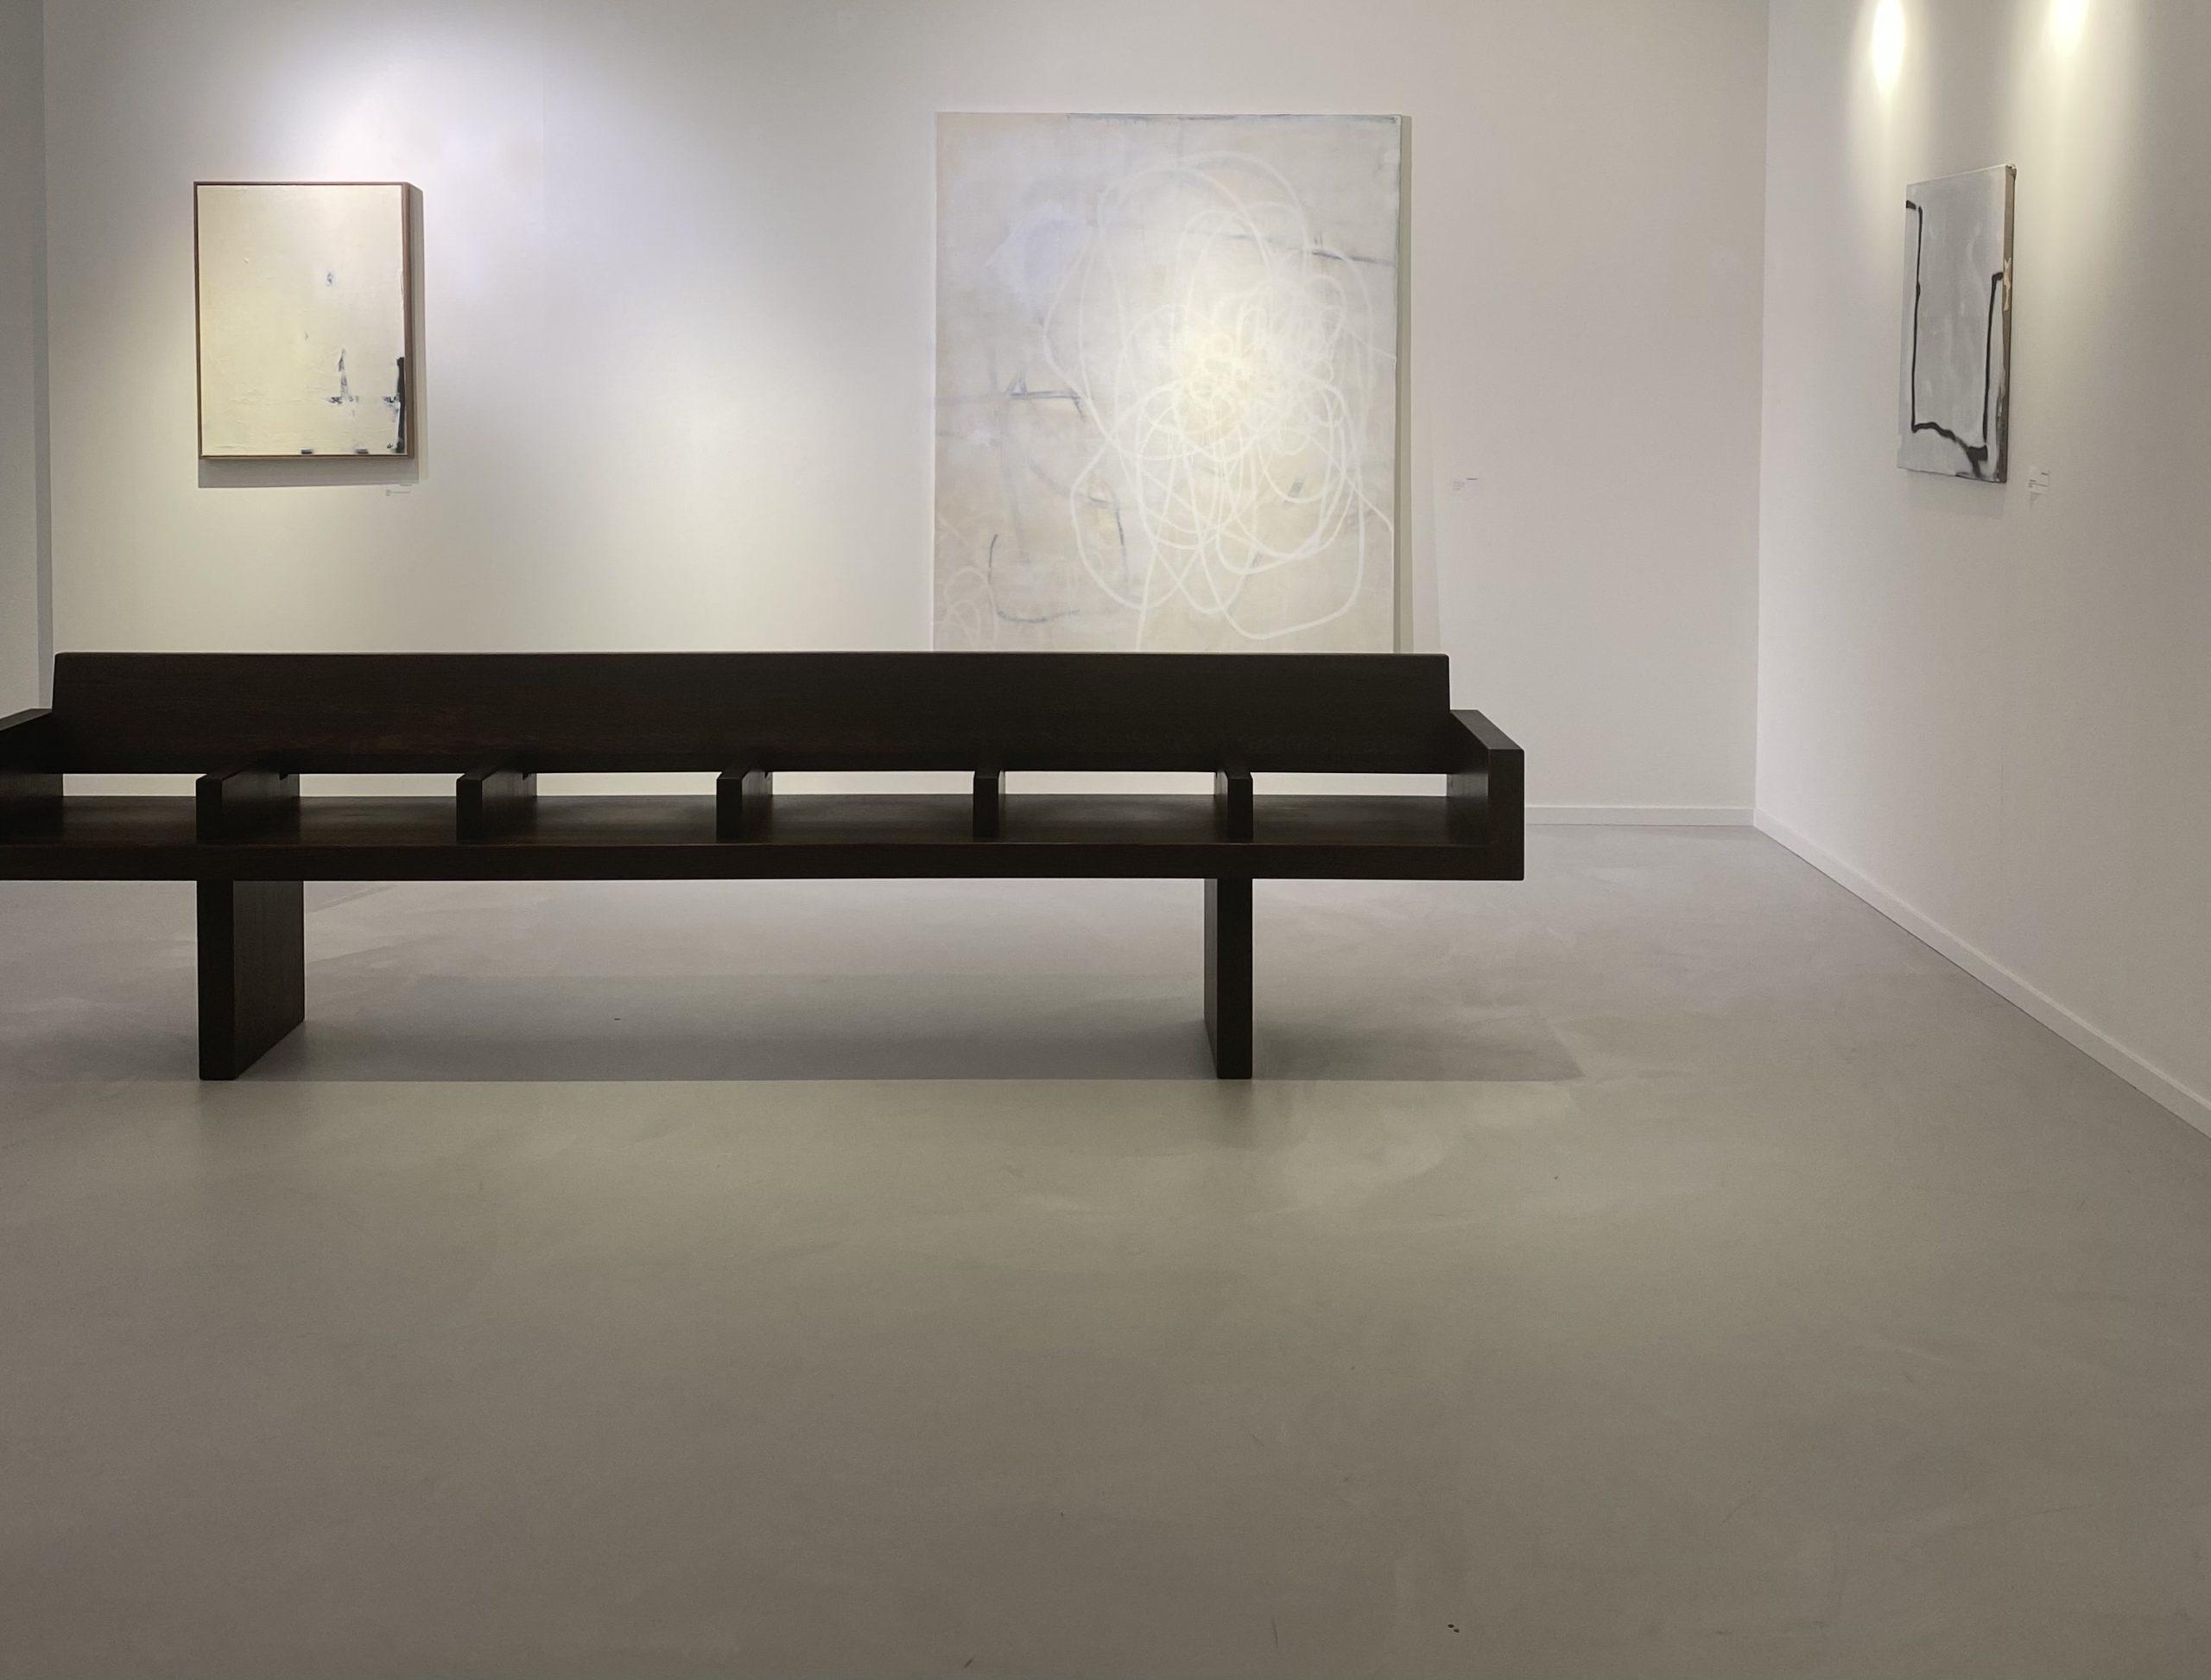 Geraldine Kol ART Kroon Gallery